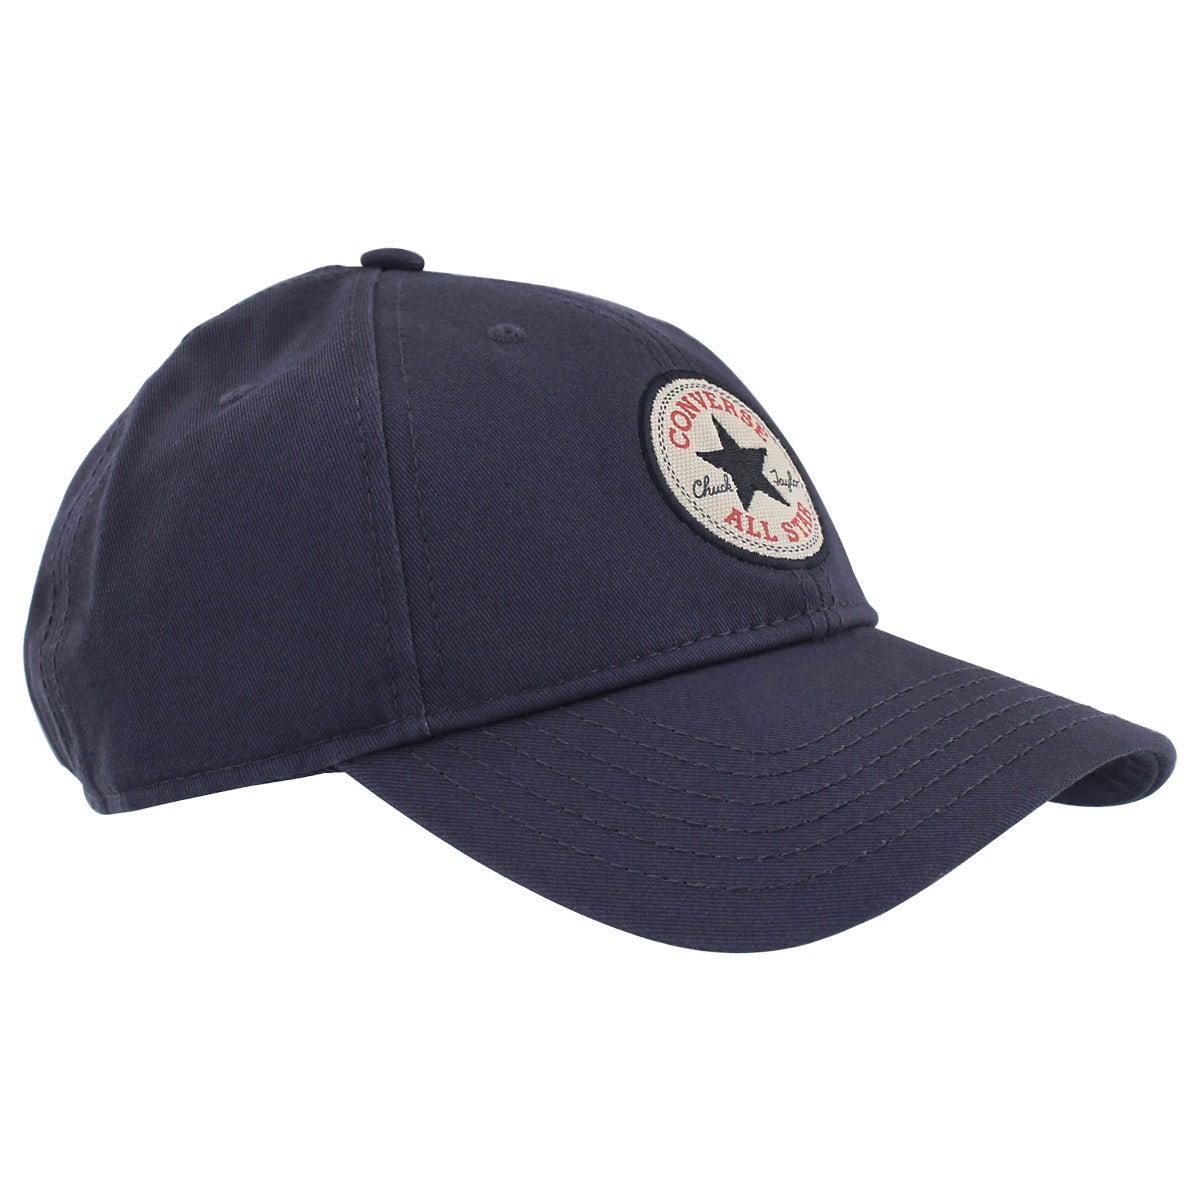 Mns Core navy adjustable precurve cap